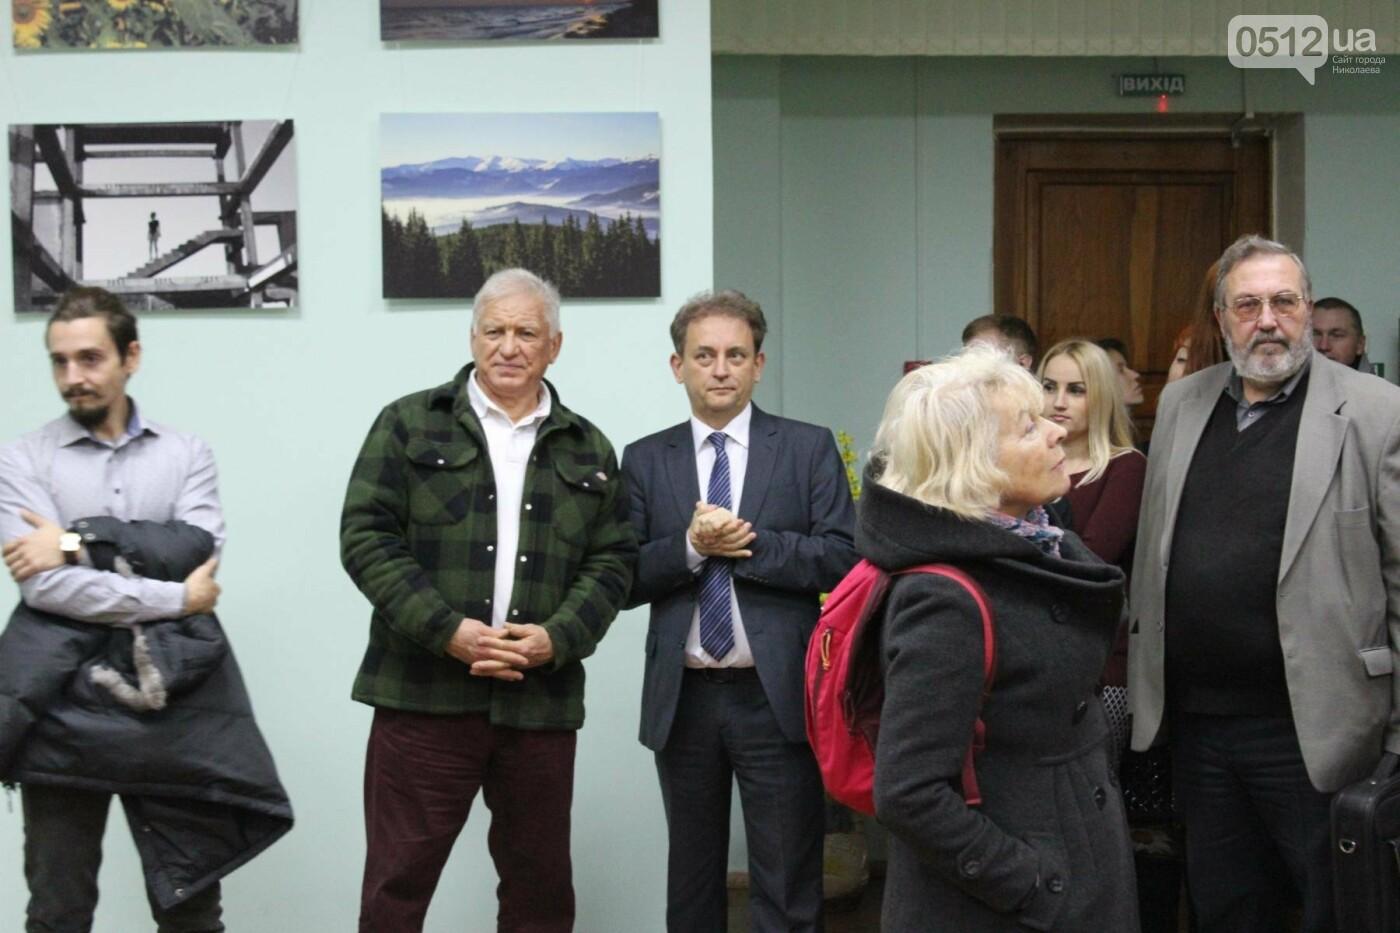 Николаевский фотограф Слава Поседай представила новую выставку «12+1» (ФОТО), фото-5